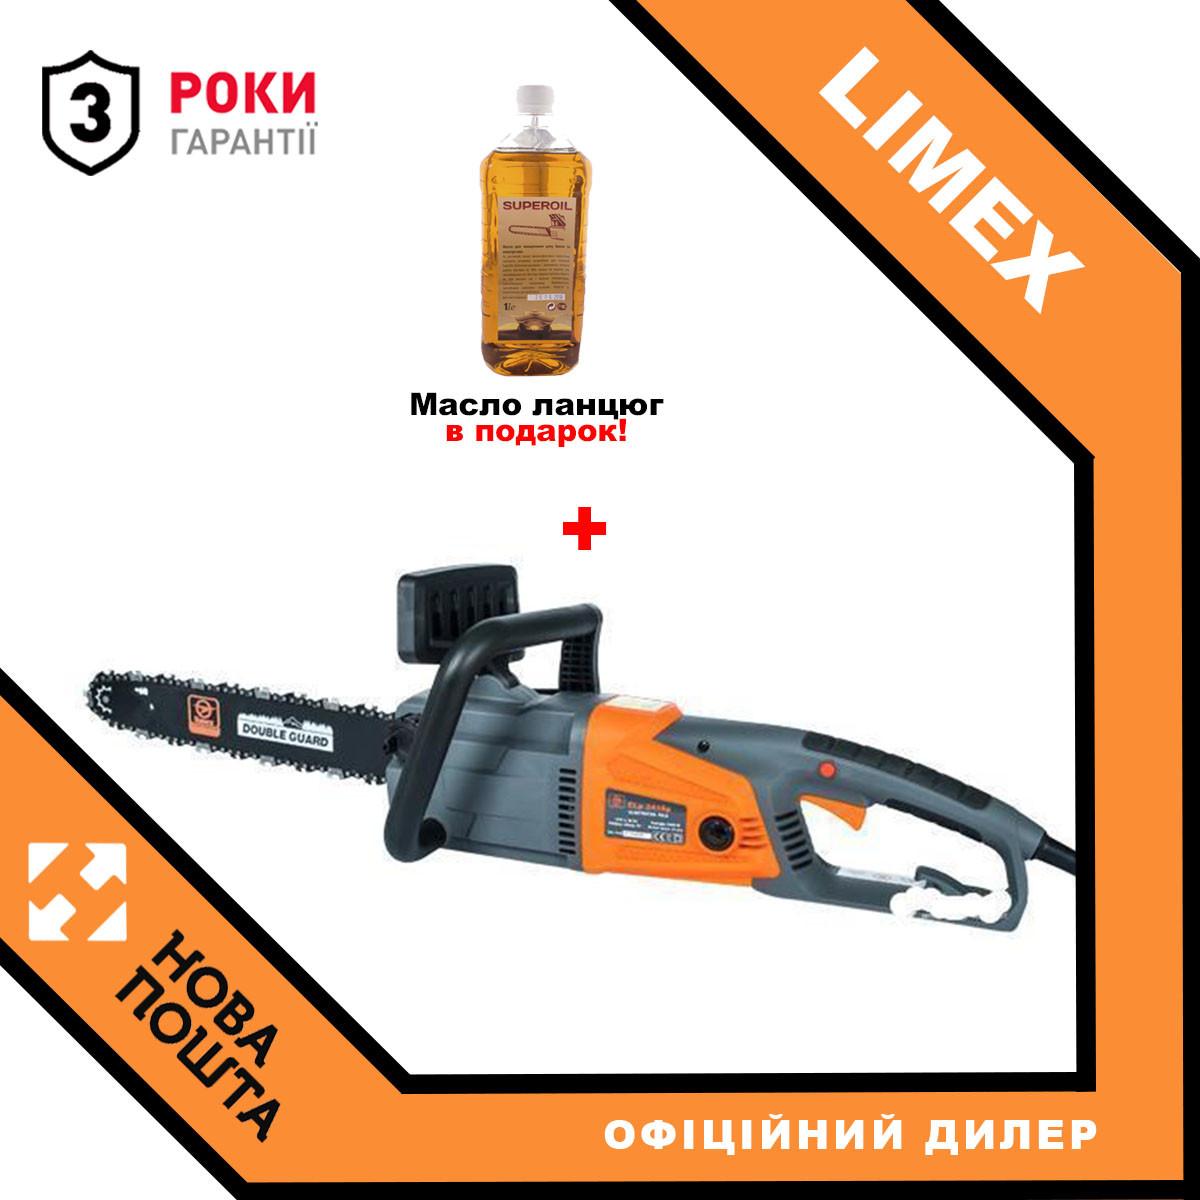 Пила цепная электрическая Limex ELp 2416p + В подарок масло ланцюг!